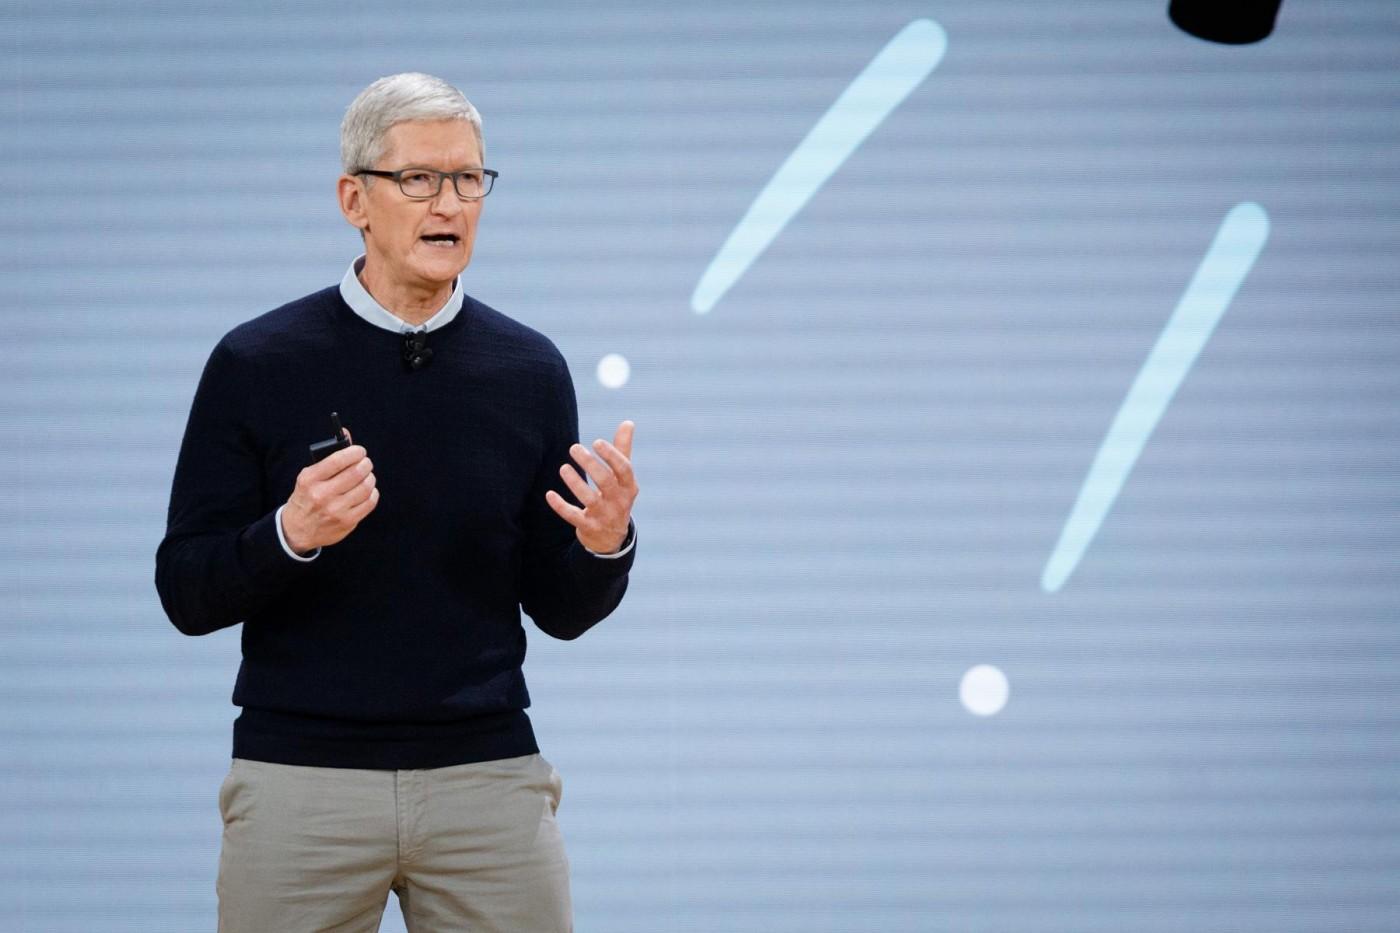 iPhone新機滯銷,蘋果快不行了?庫克點出兩個外界沒看見的實力